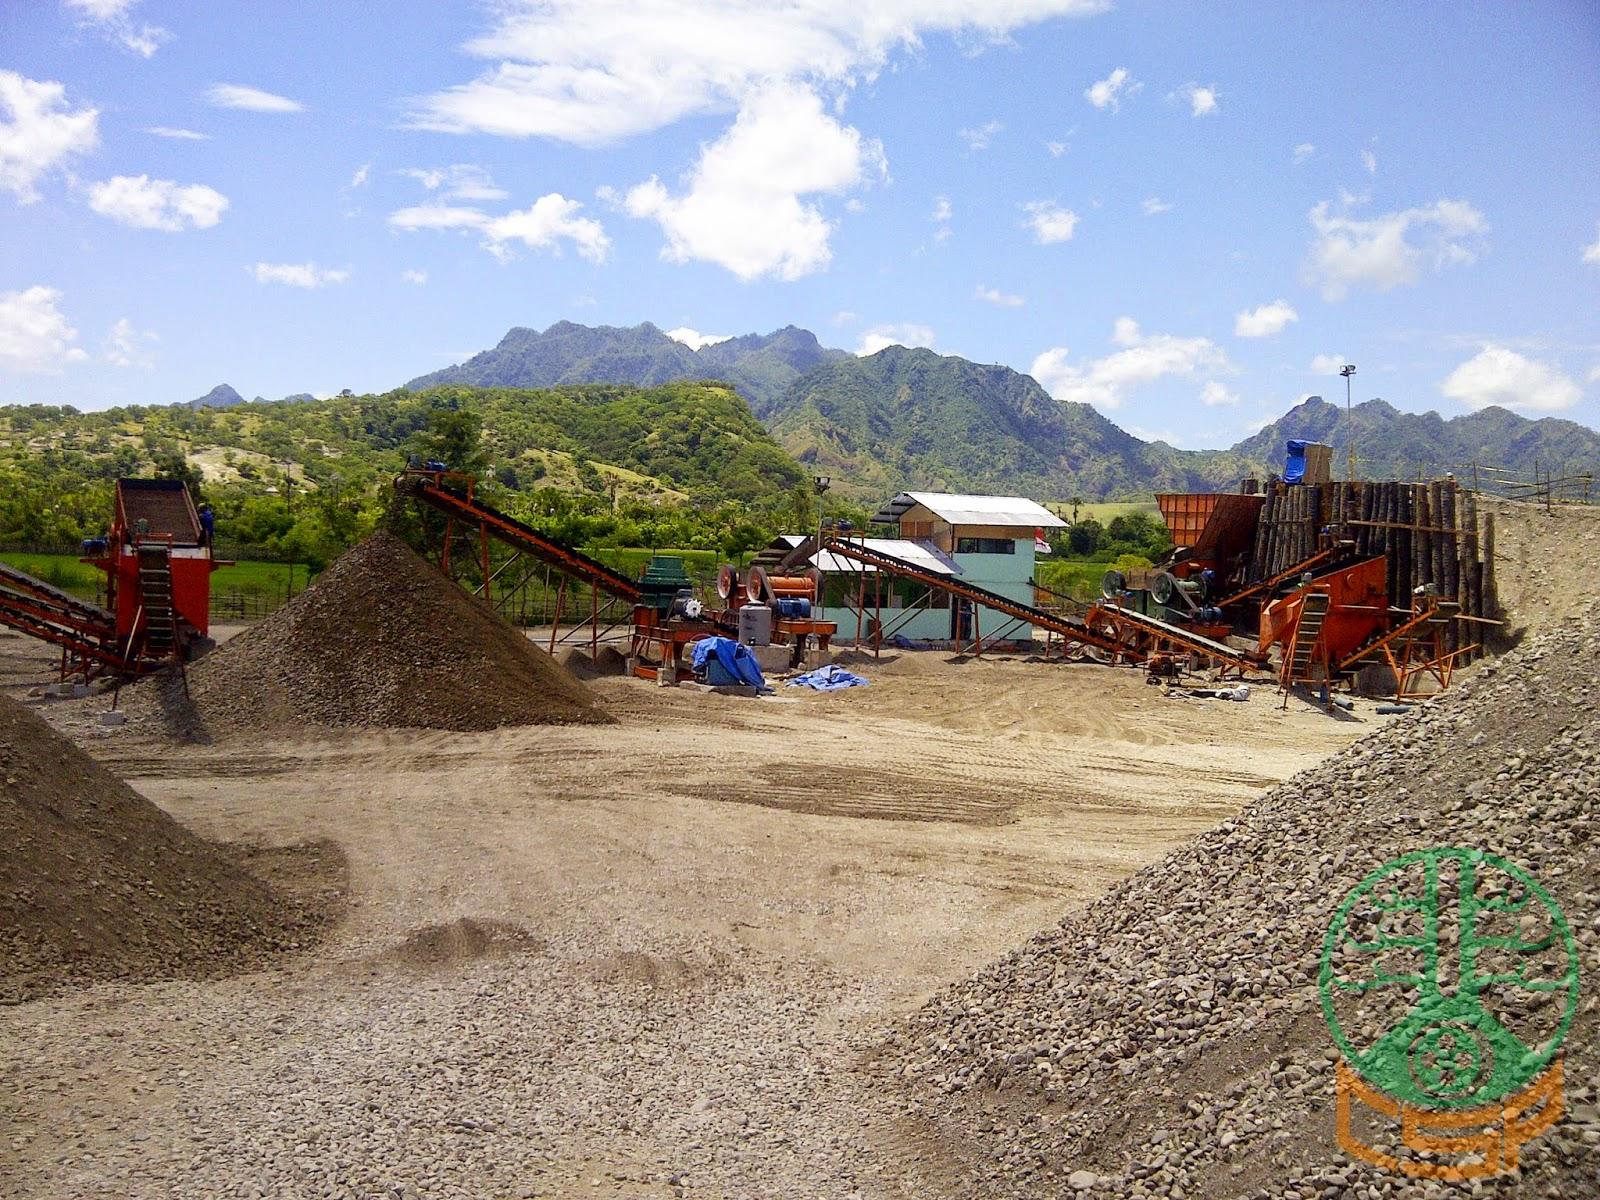 Project CSP Stone Crushing Plant 100-120 Tph PT Hutama Karya Wilayah 7, Oe Cusse - Timor Leste (03)